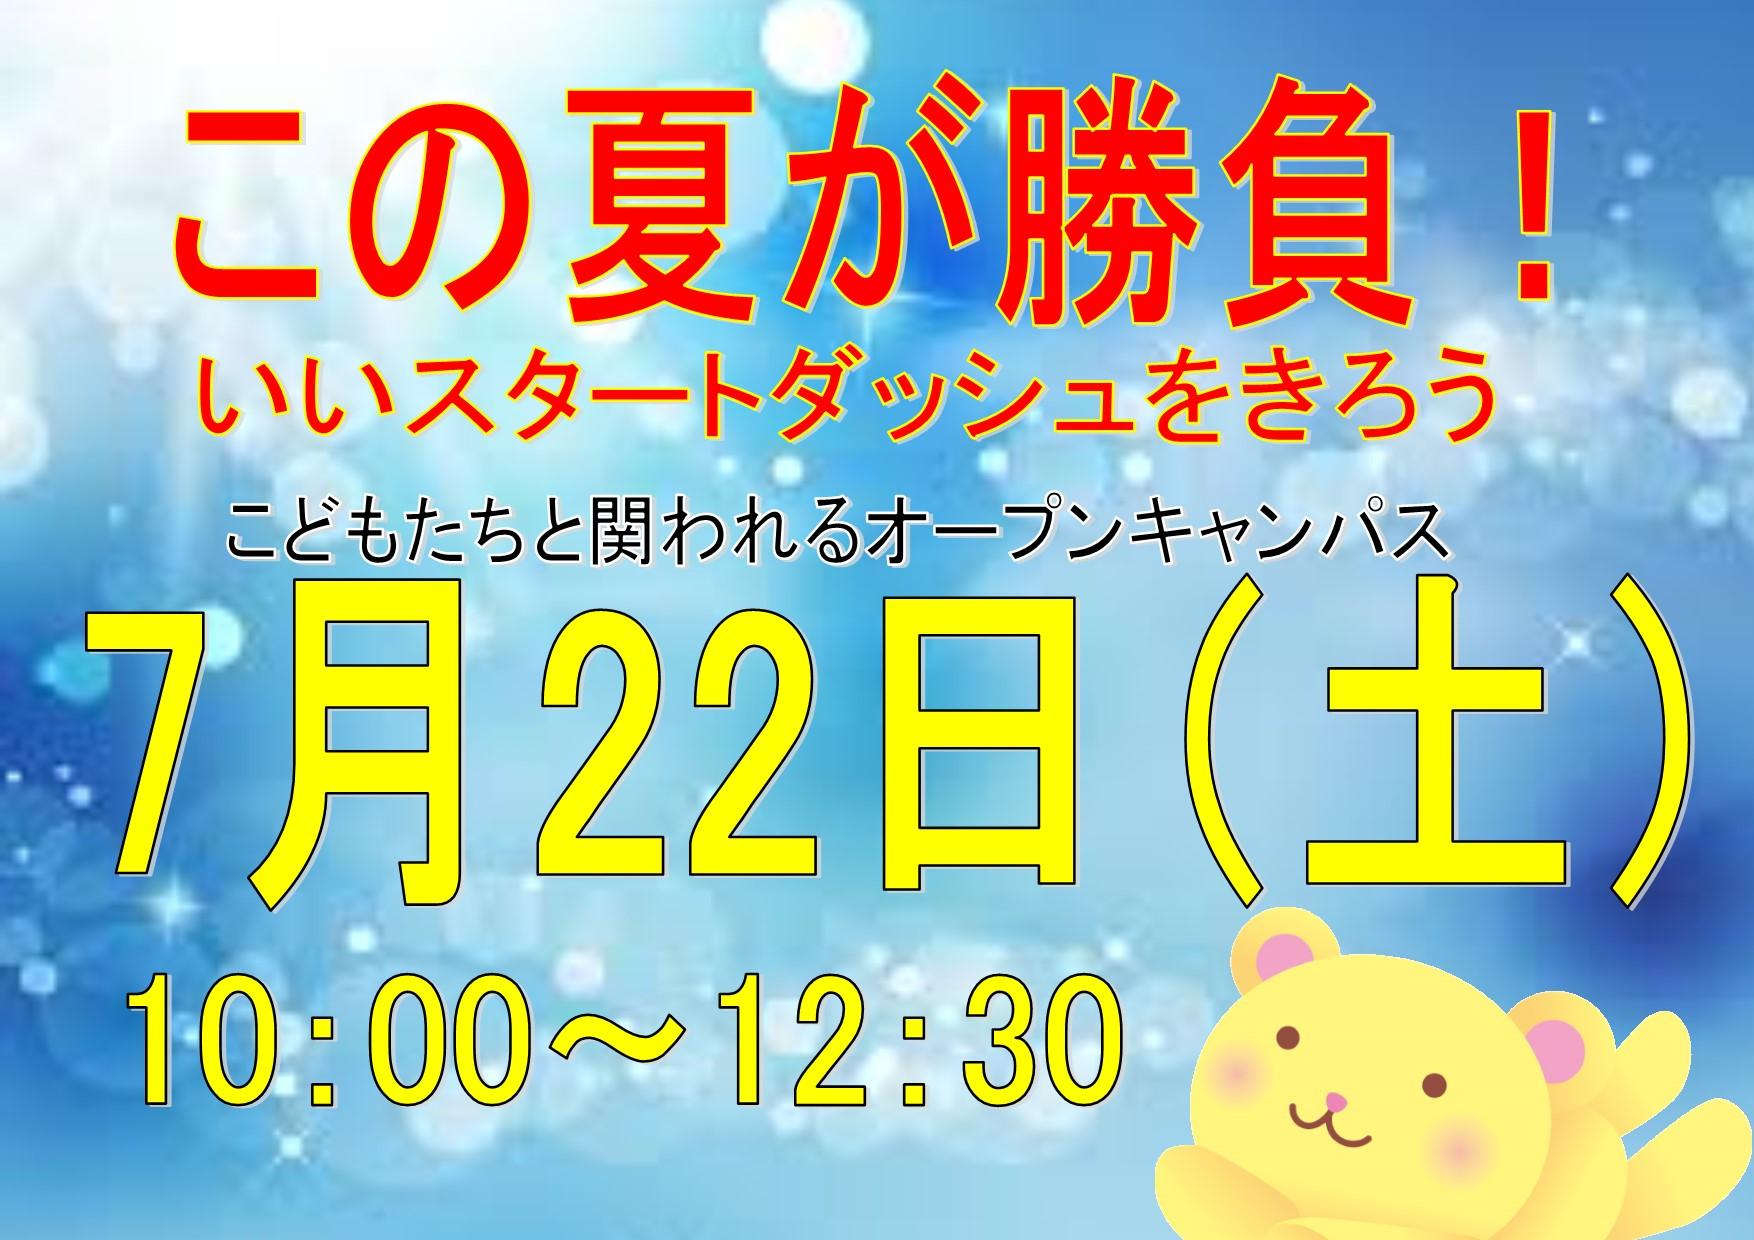 見逃せない!7/22(土)のオープンキャンパス!